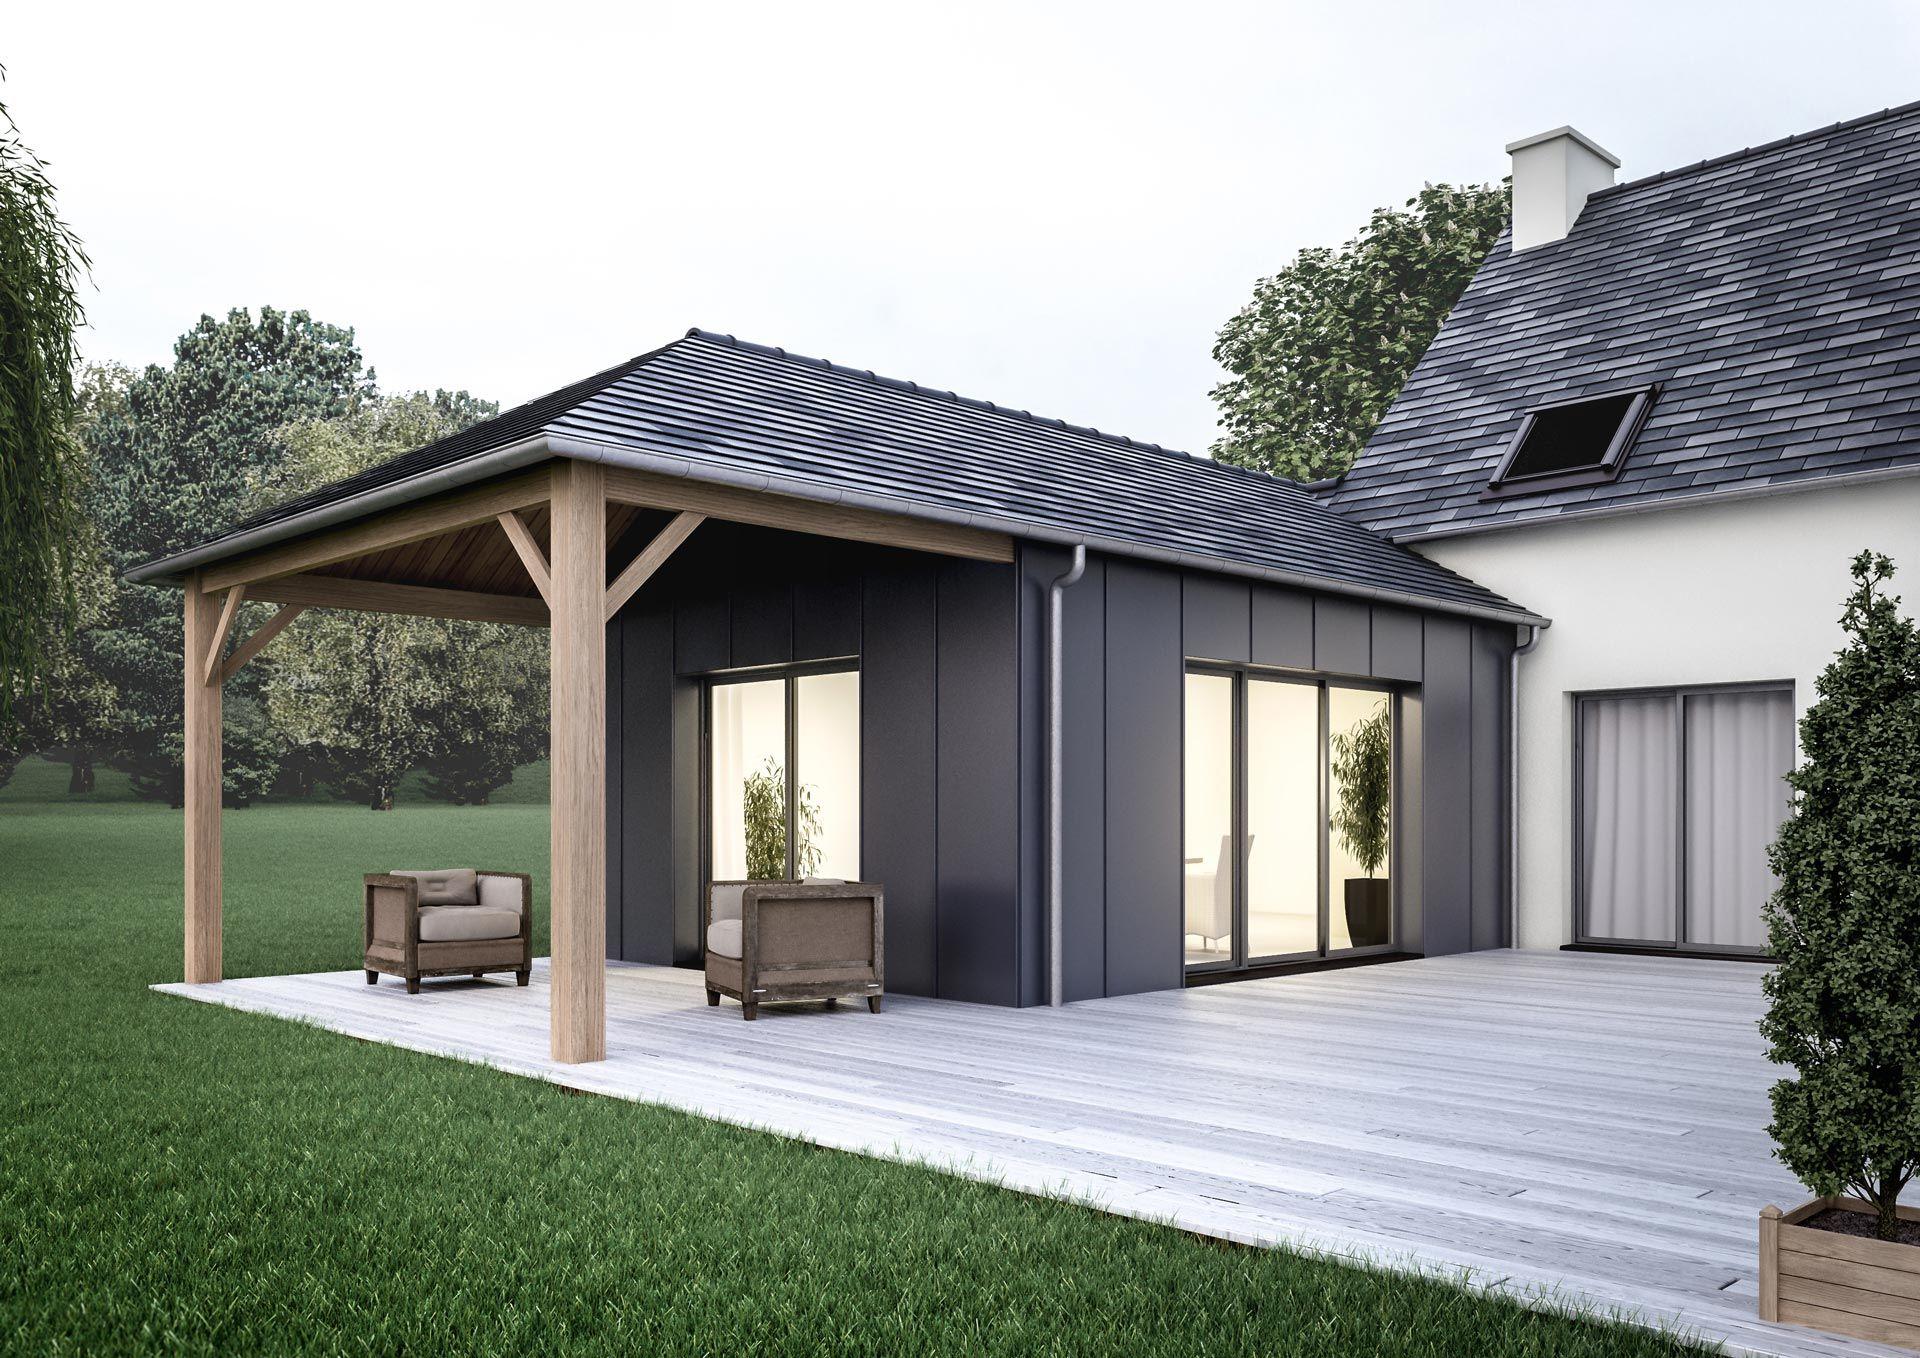 Devis Extension Maison à Neuilly-sur-Seine → Agrandissement Bois, Acier, Parpaing